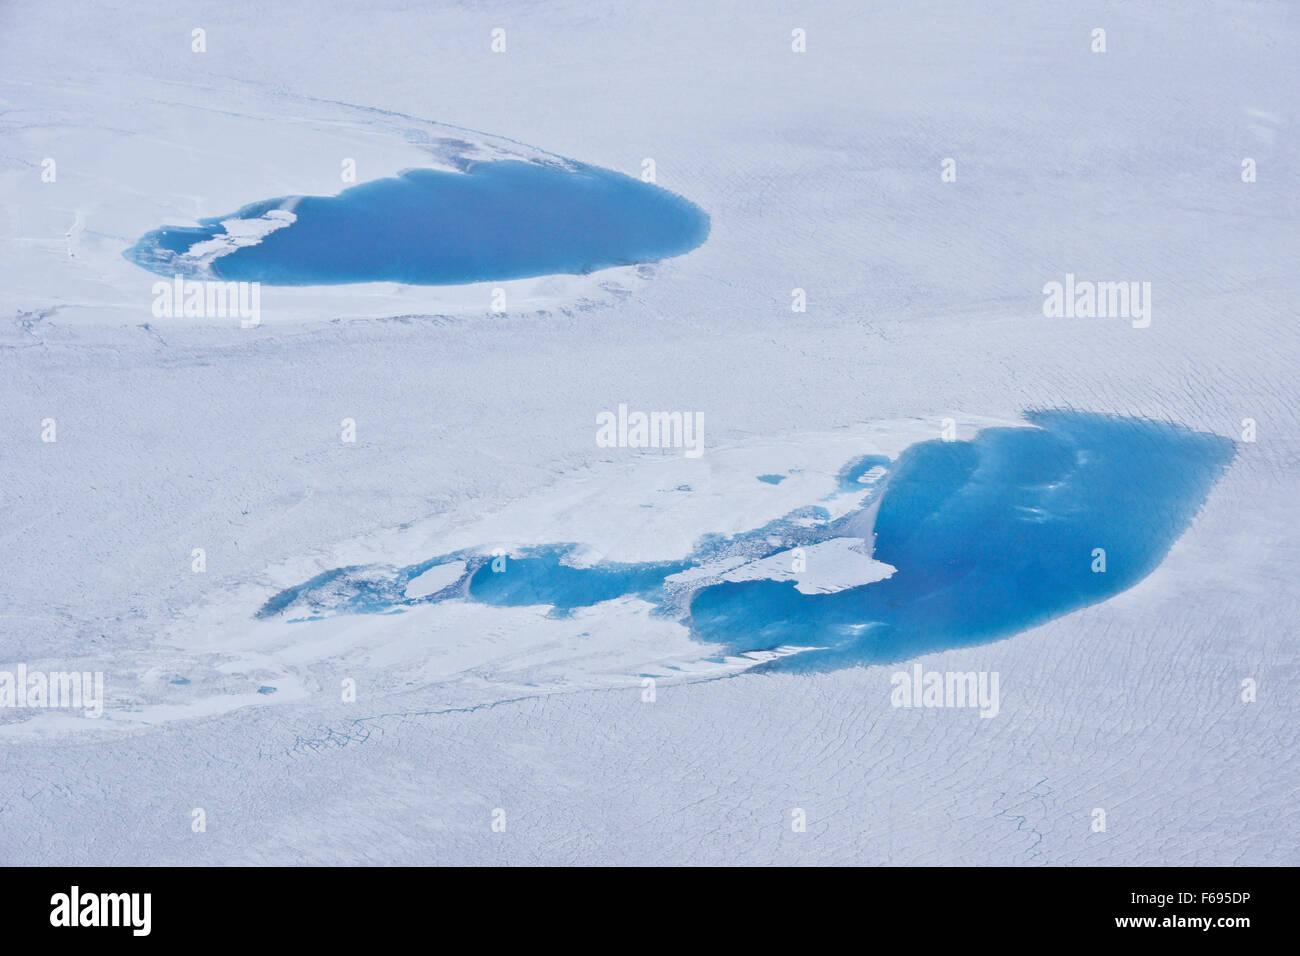 Luftaufnahme von Gletscherseen auf Grönland Eiskappe Stockbild